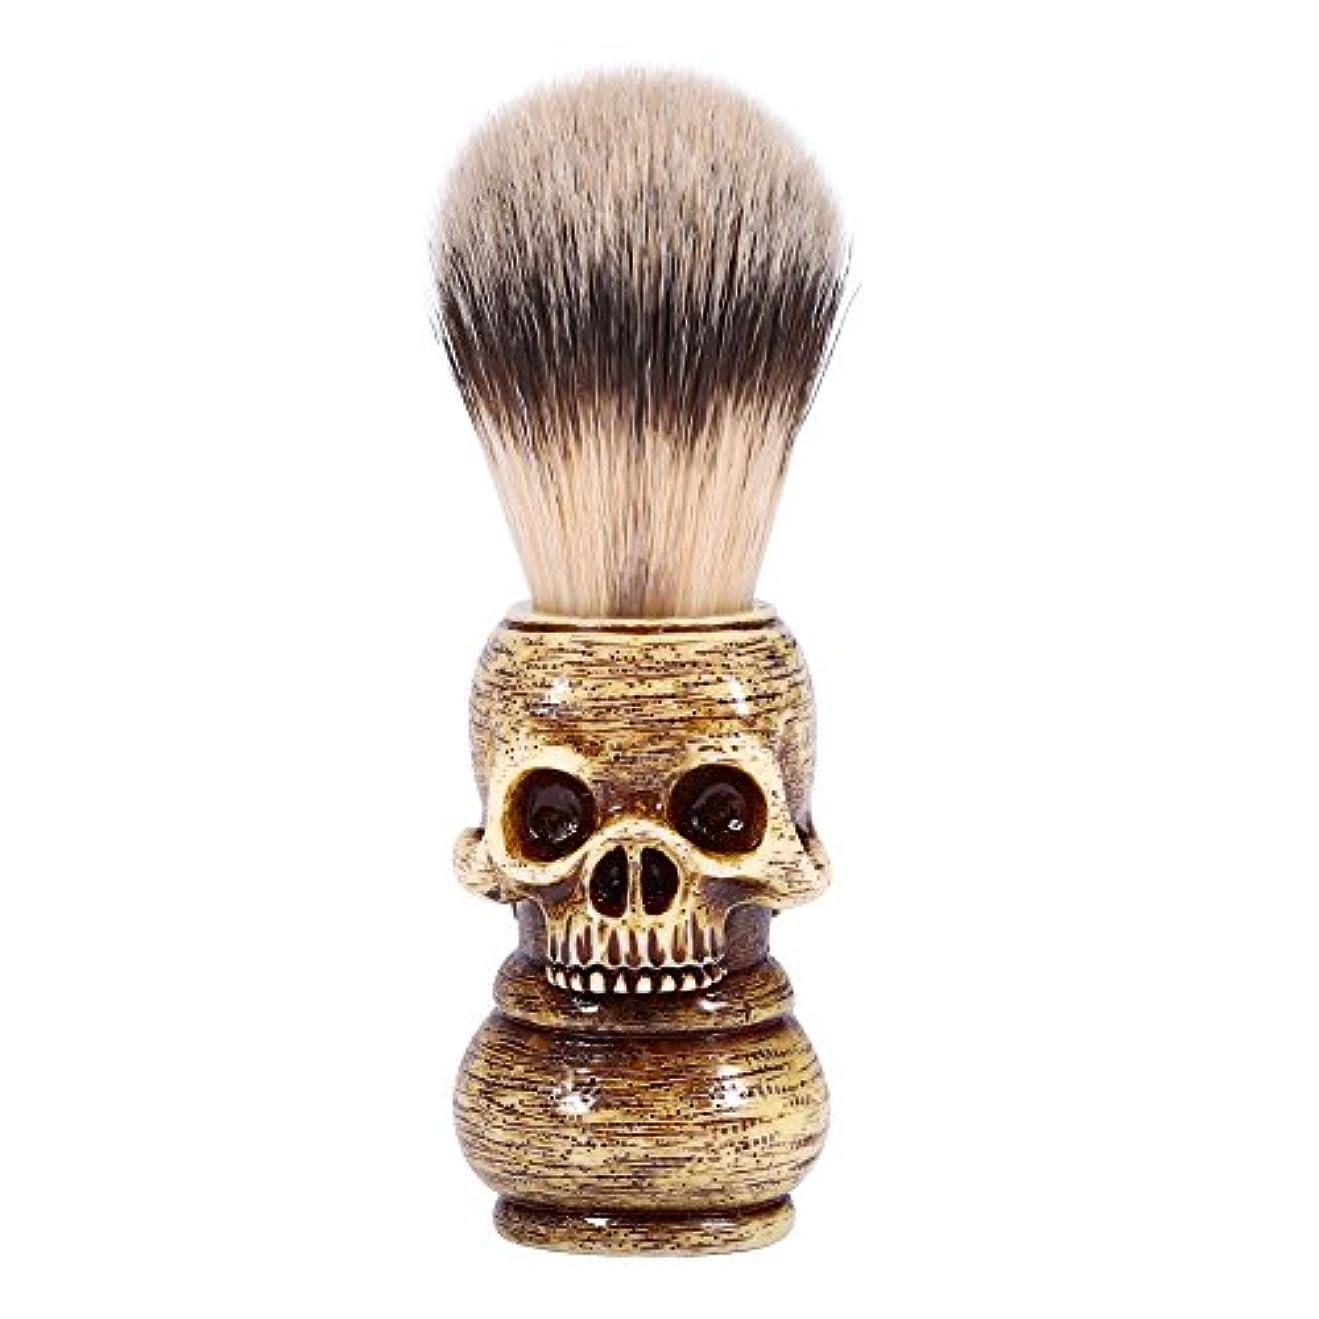 トレイルネブグラマーシェービングブラシ メンズ グルーミングツール メイクアップ サロン ビアードシェービングブラシ ひげ 洗顔 髭剃り 男性 ギフト理容